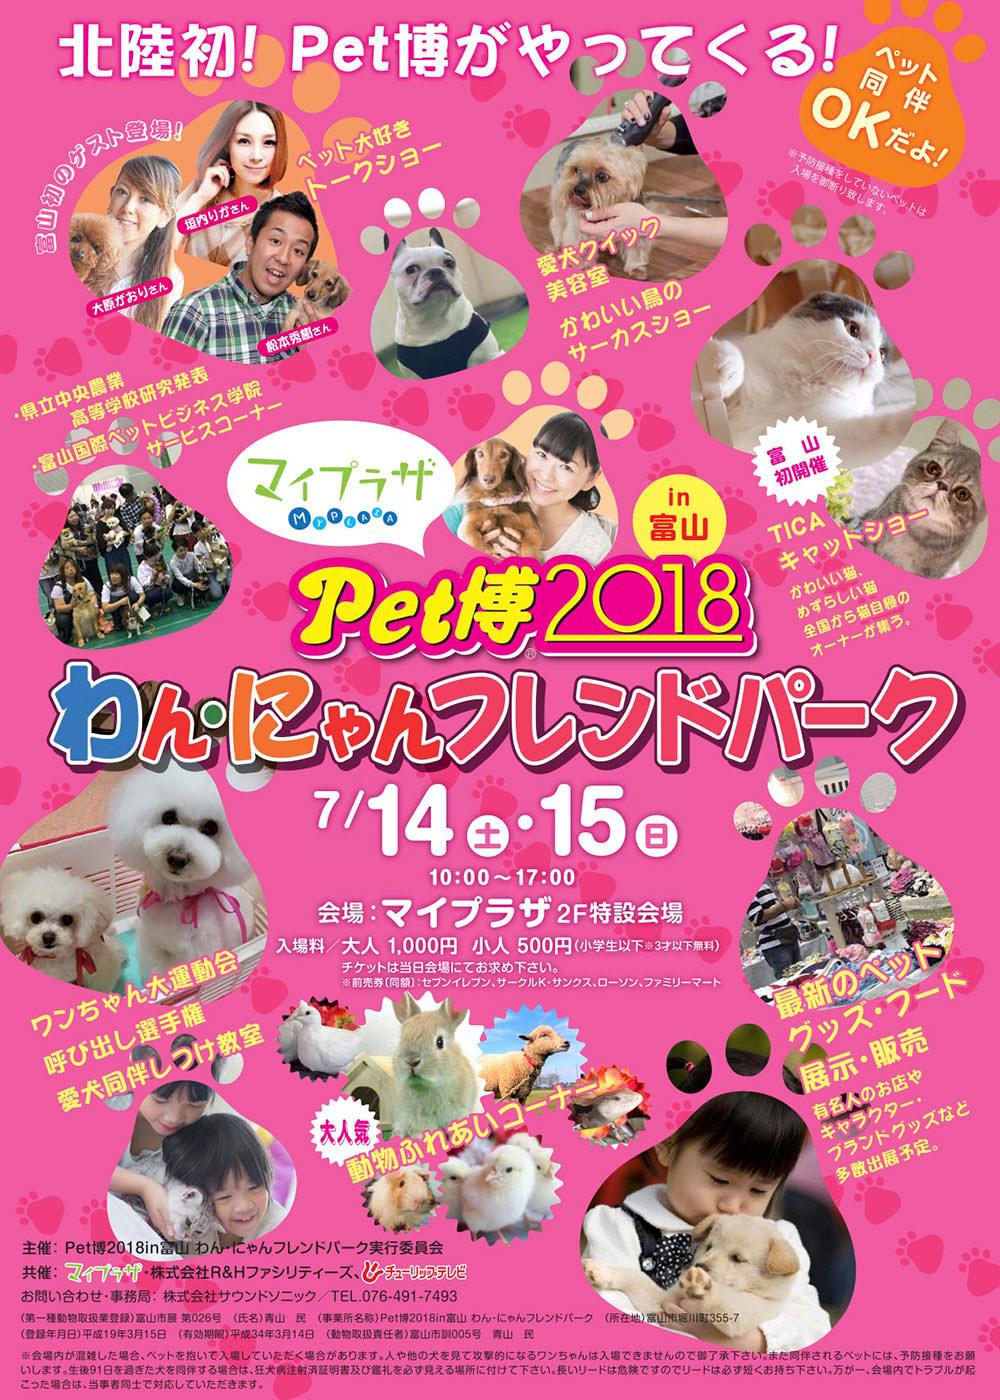 ペット博 2018 in 富山@マイブラザ2F出展!7/14(土)〜15(日)!